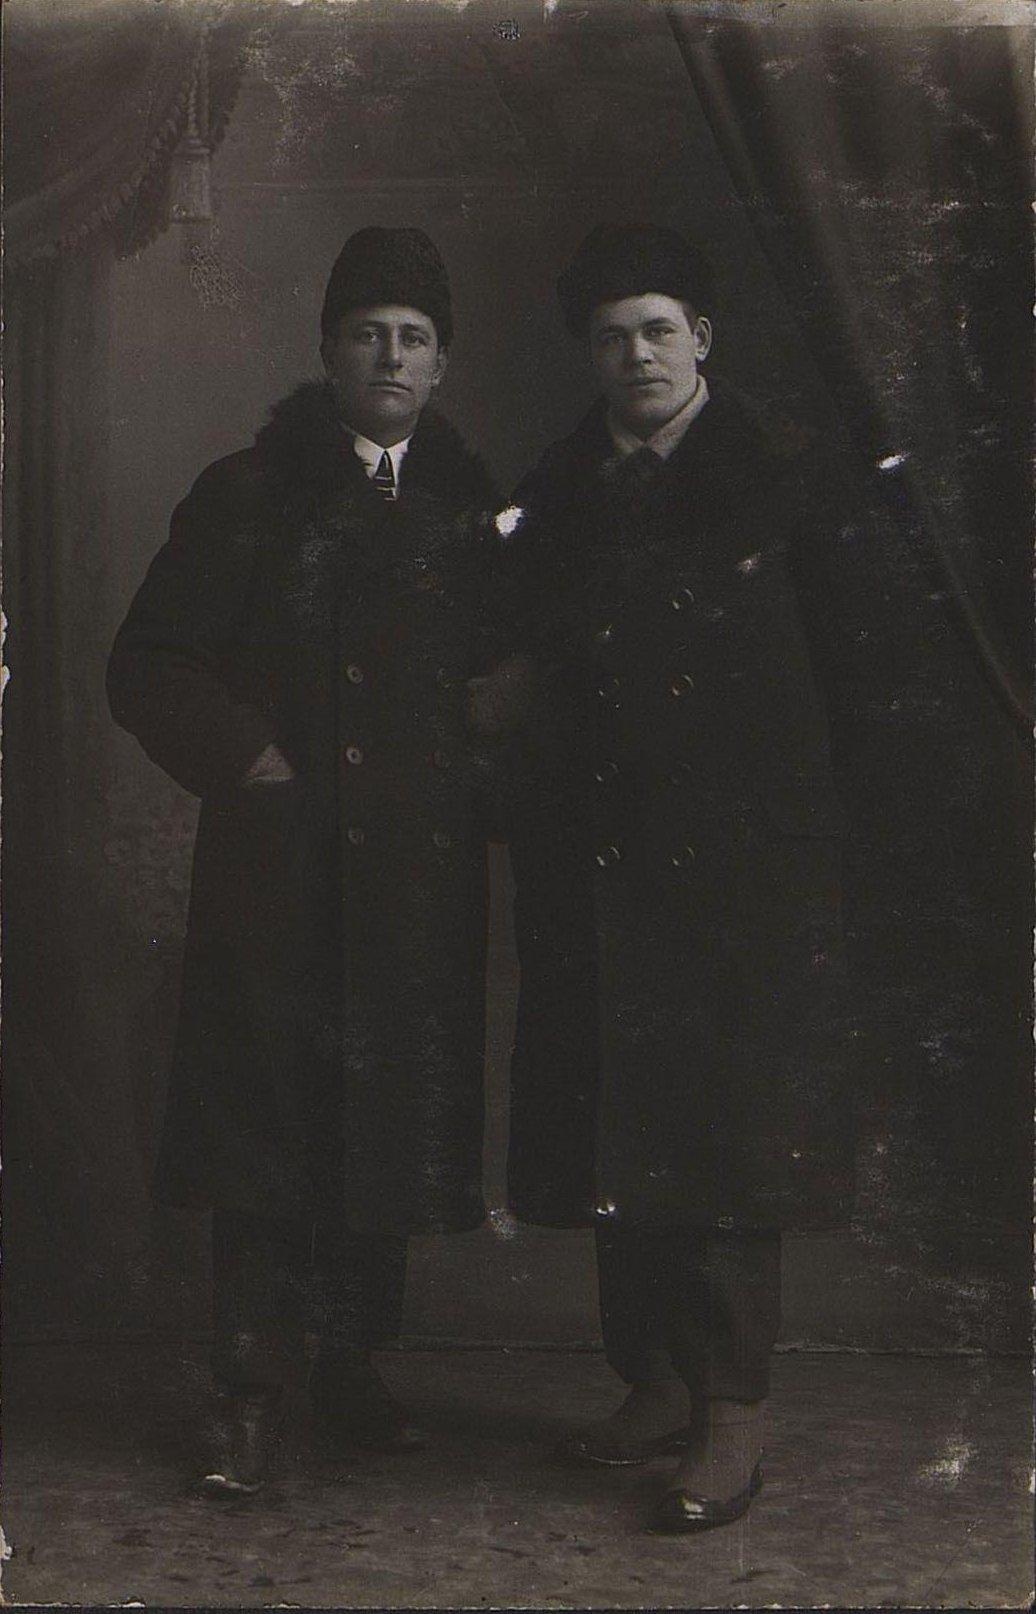 Портрет неизвестных в фотографическом ателье. Март 1918